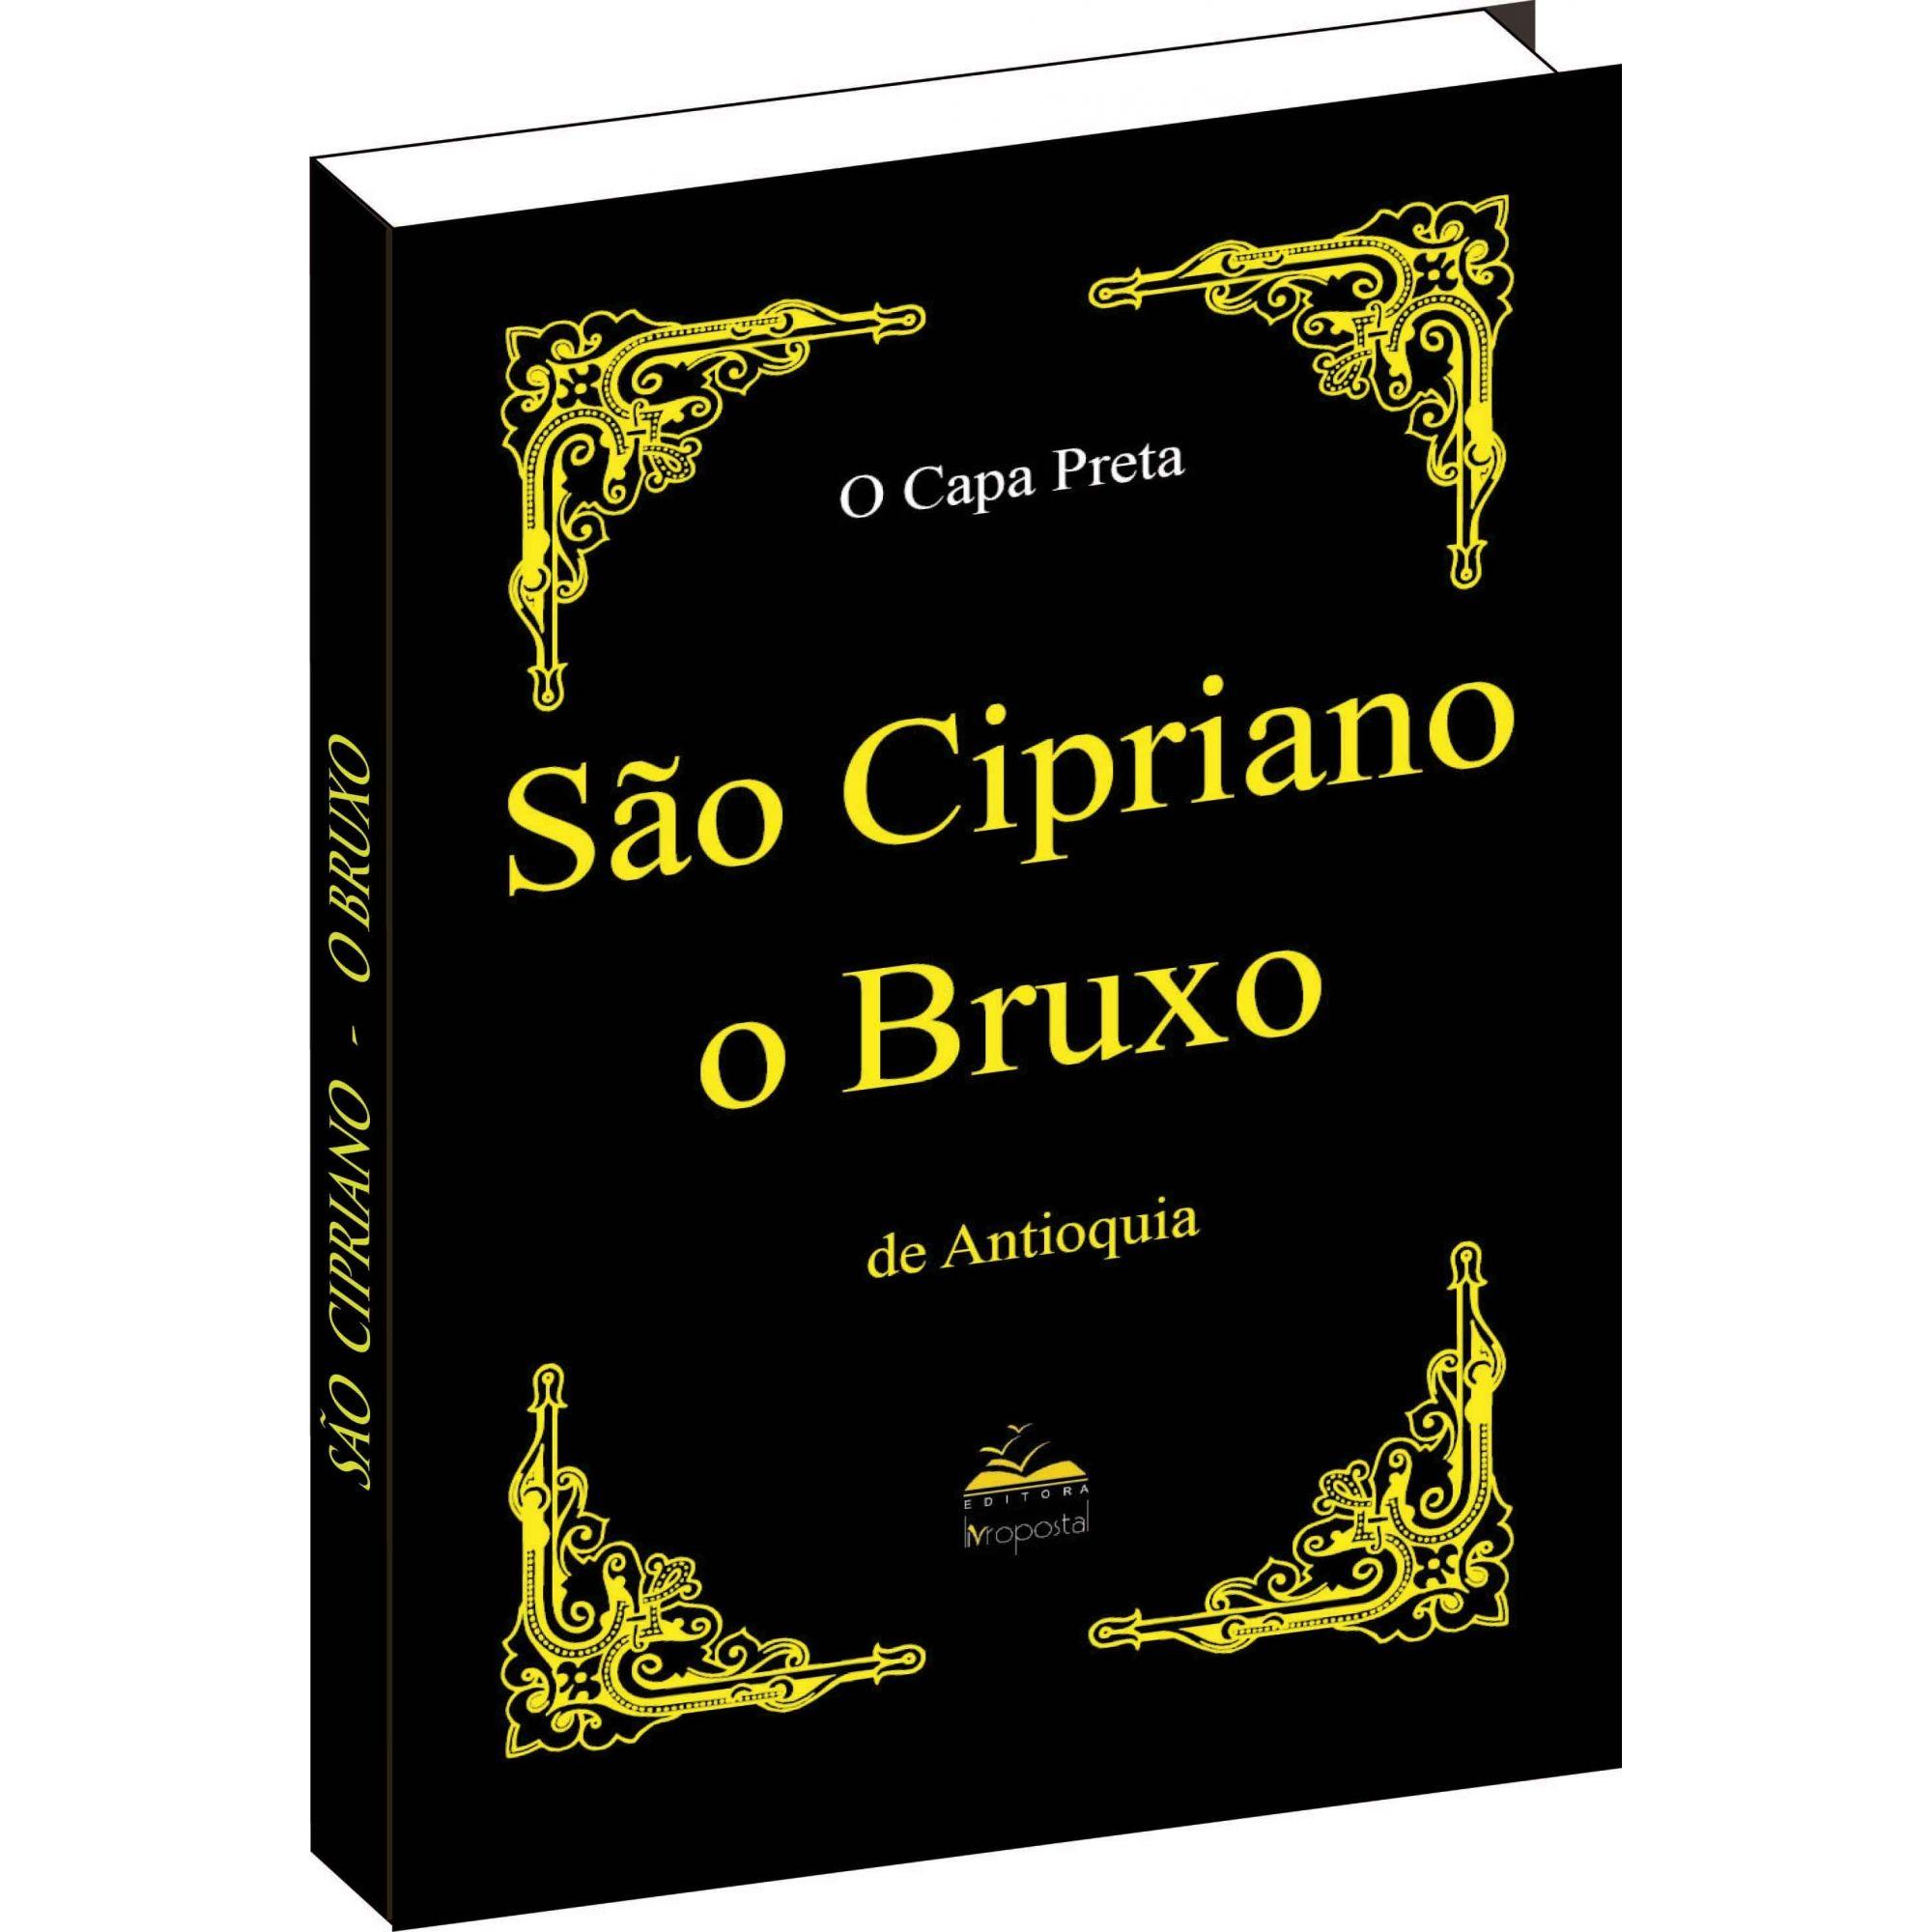 Ebook do Livro de São Cipriano o Bruxo - Capa Preta  - Livropostal Editora